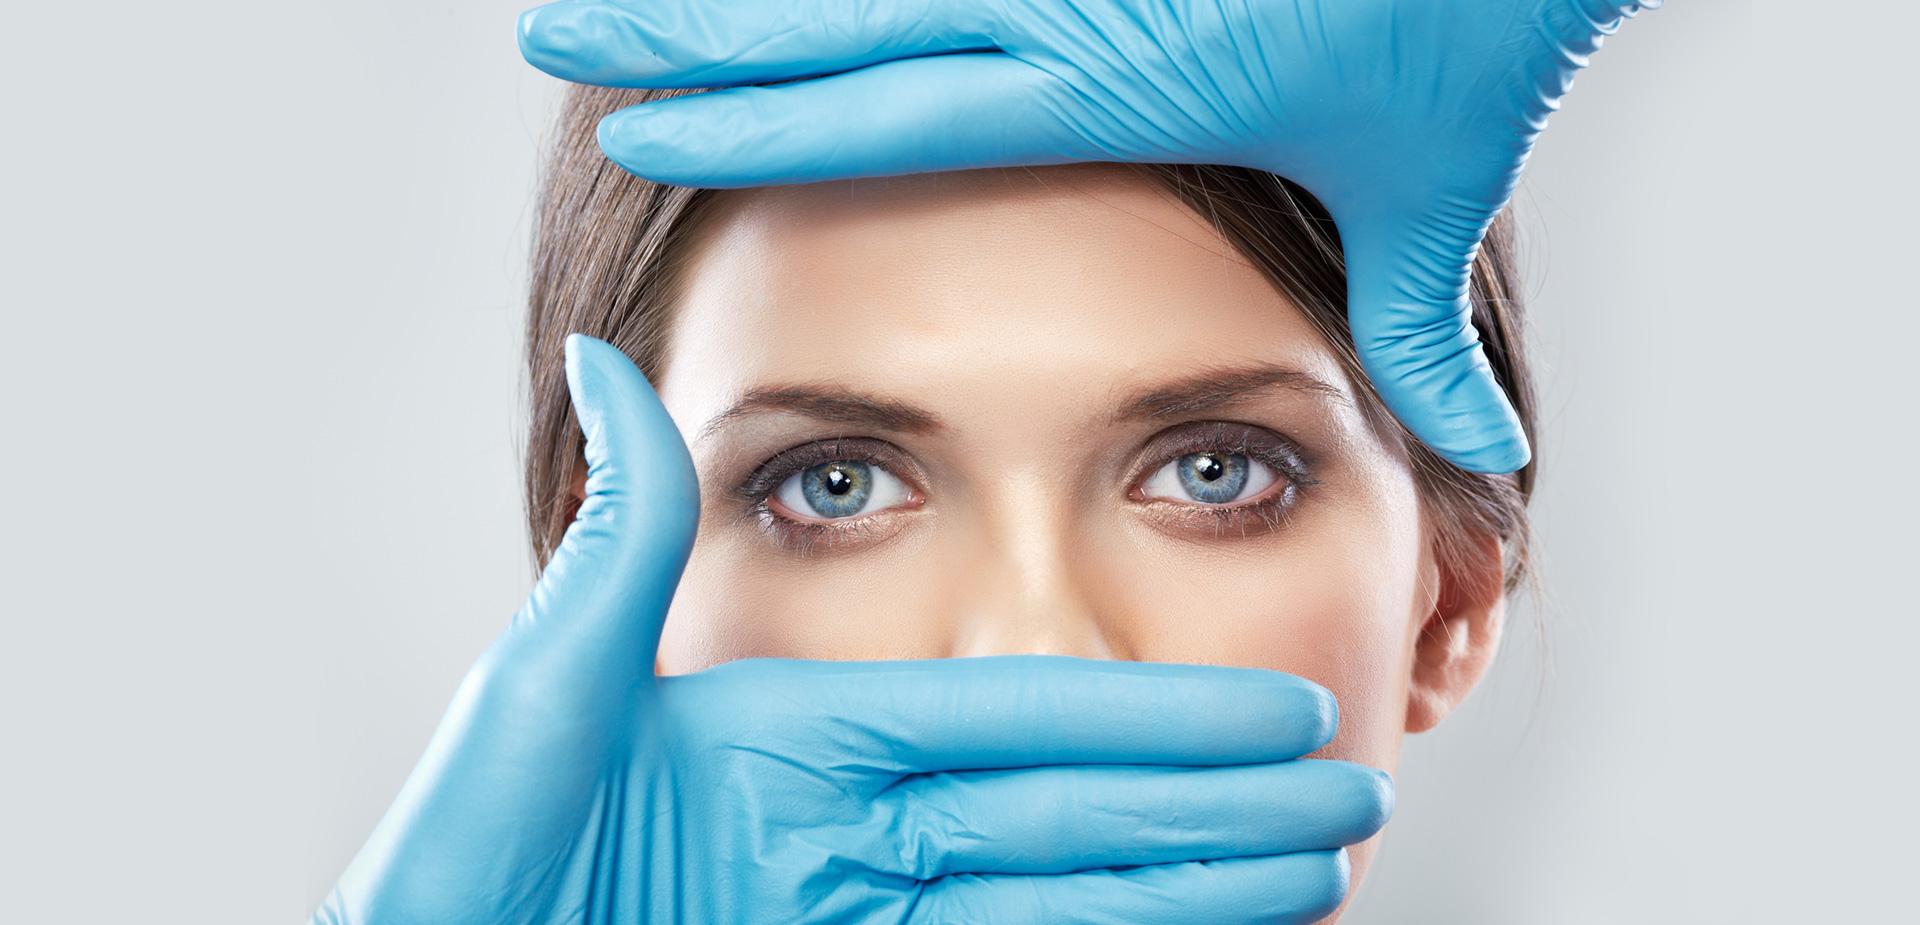 الجراحة التجميلية بتقنية عالية